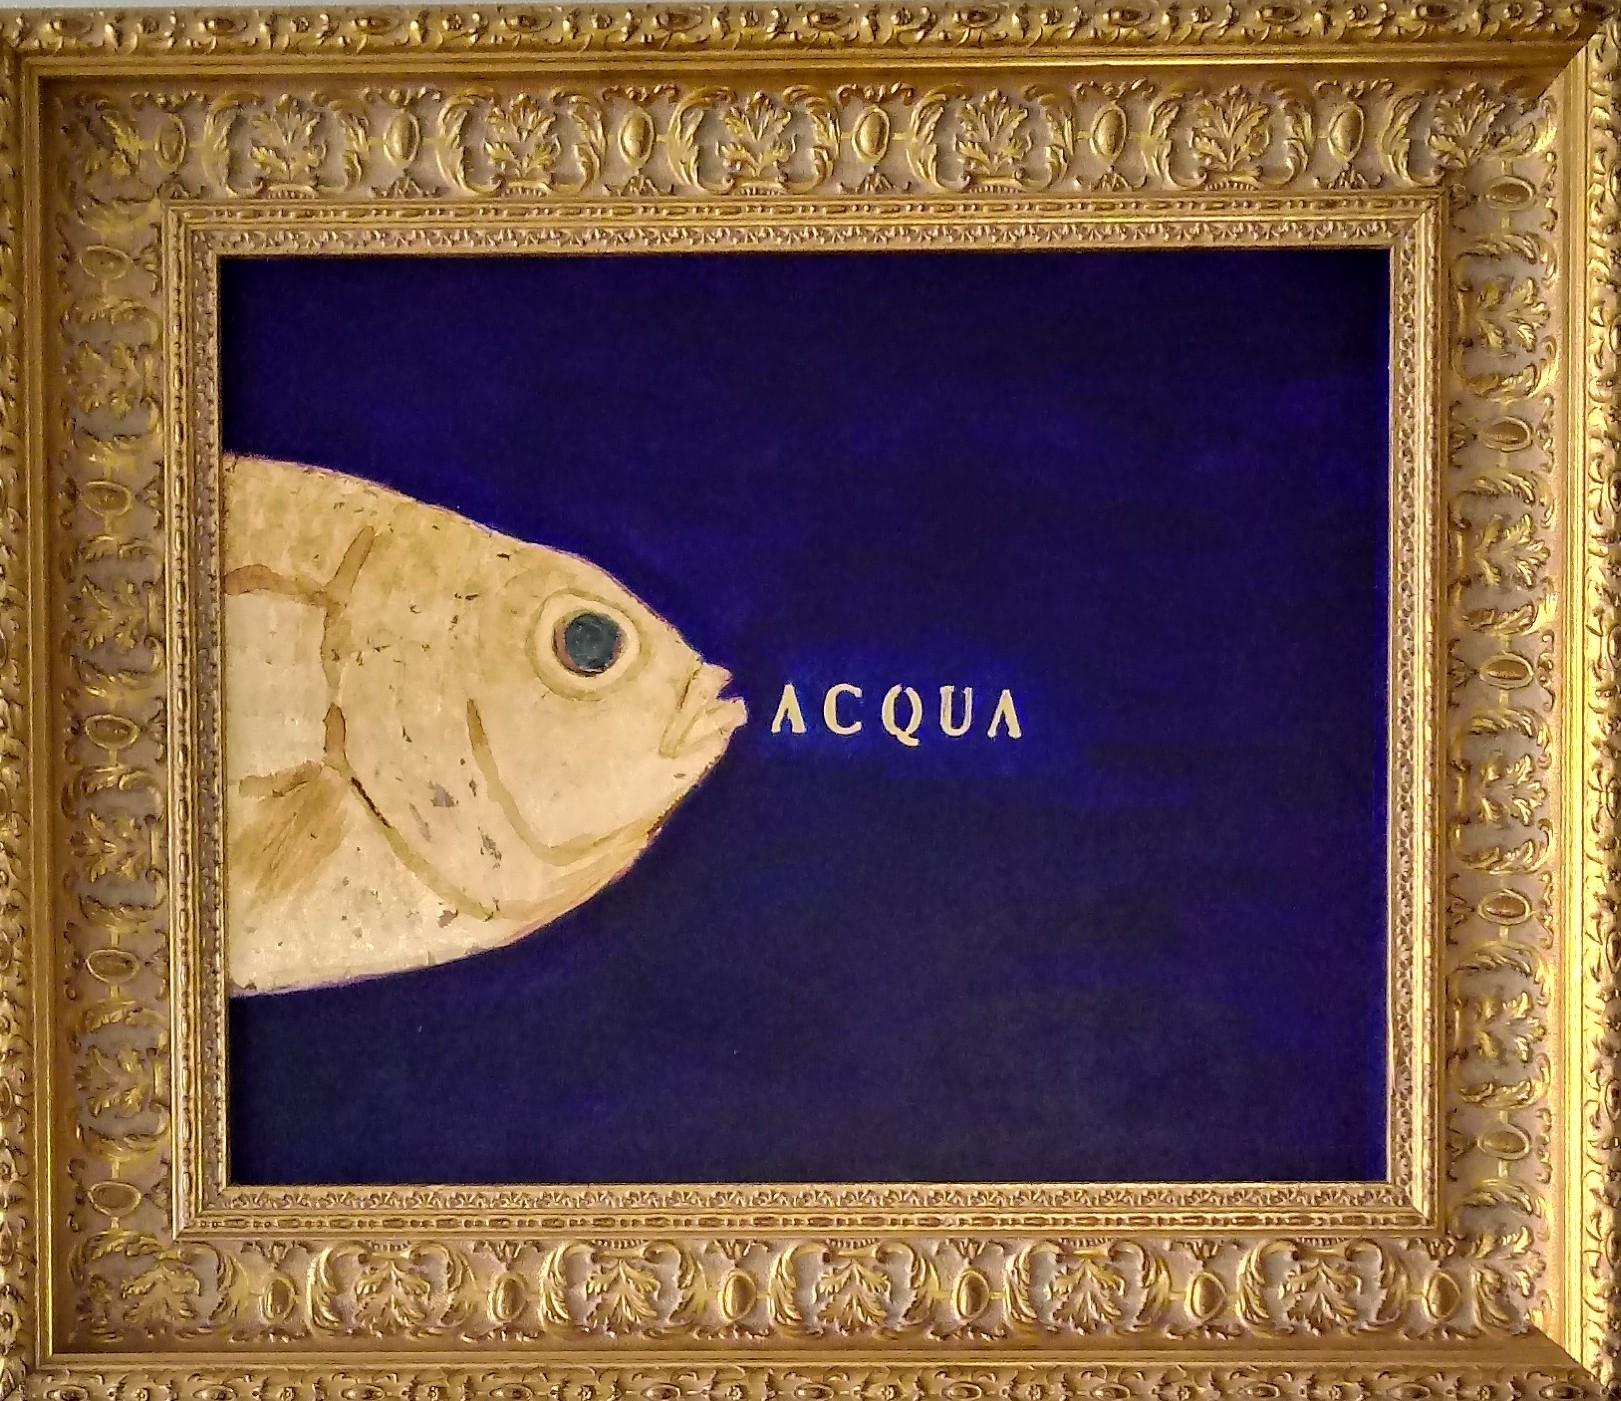 L'immagine mostra una delle opere di Sabatino della serie Pescibarocchi. Un piccolo quadro blu con un pesce giallo emergente dalla parte sinistra dell'immagine con al centro la scritta ACQUA illuminata. L'opera è contornata da una classica cornice in legno